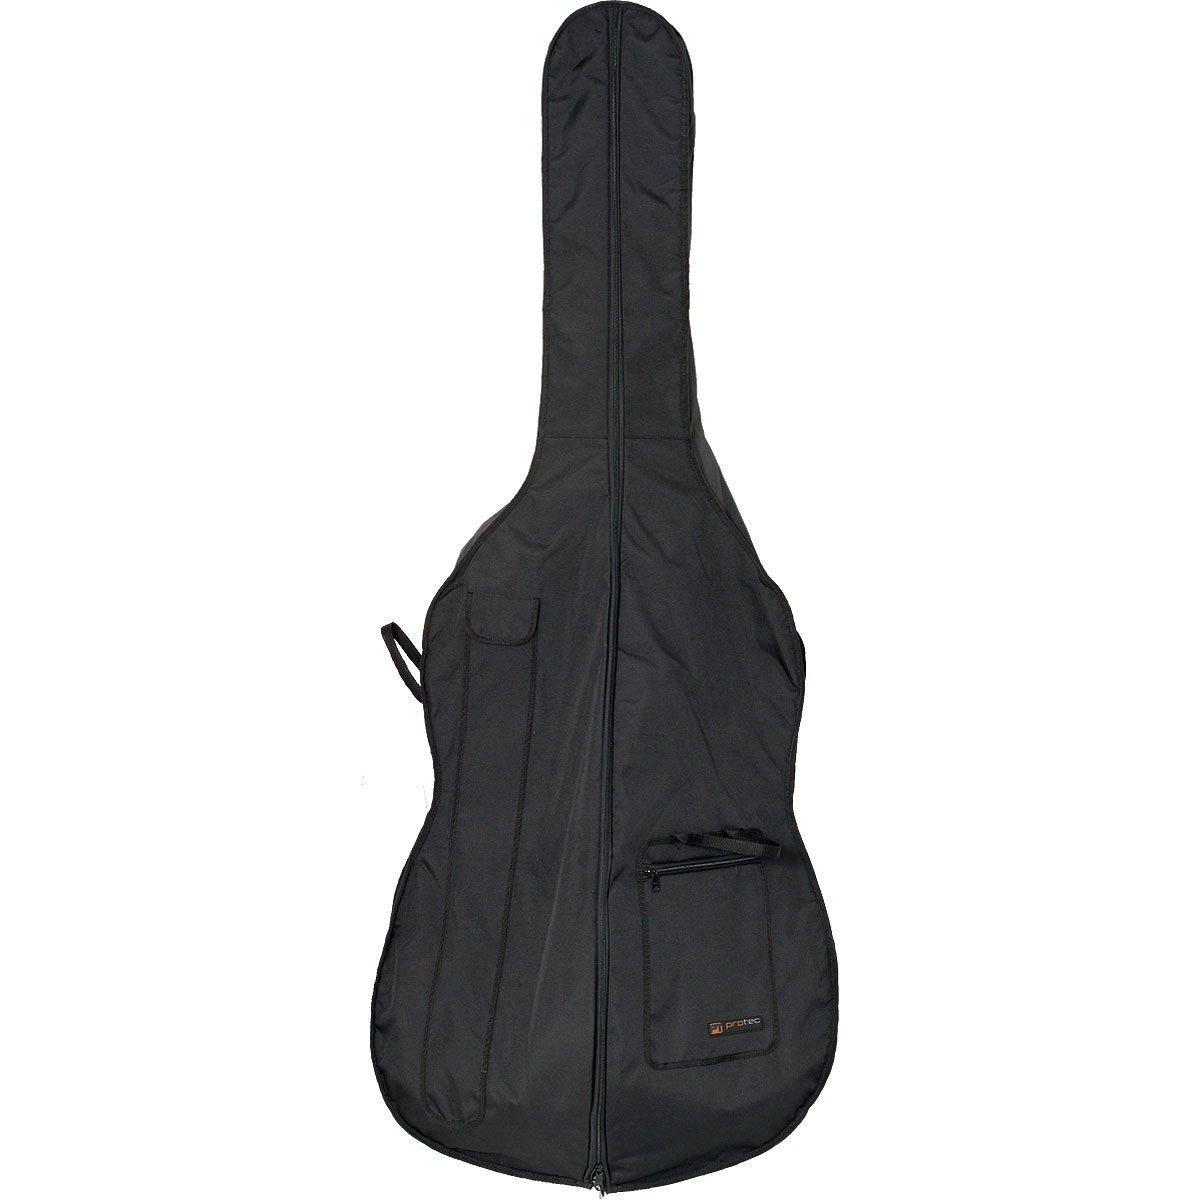 Protec 3/4 Standard Bass Bag Protec Standard 3/4 Bass Bag C313E